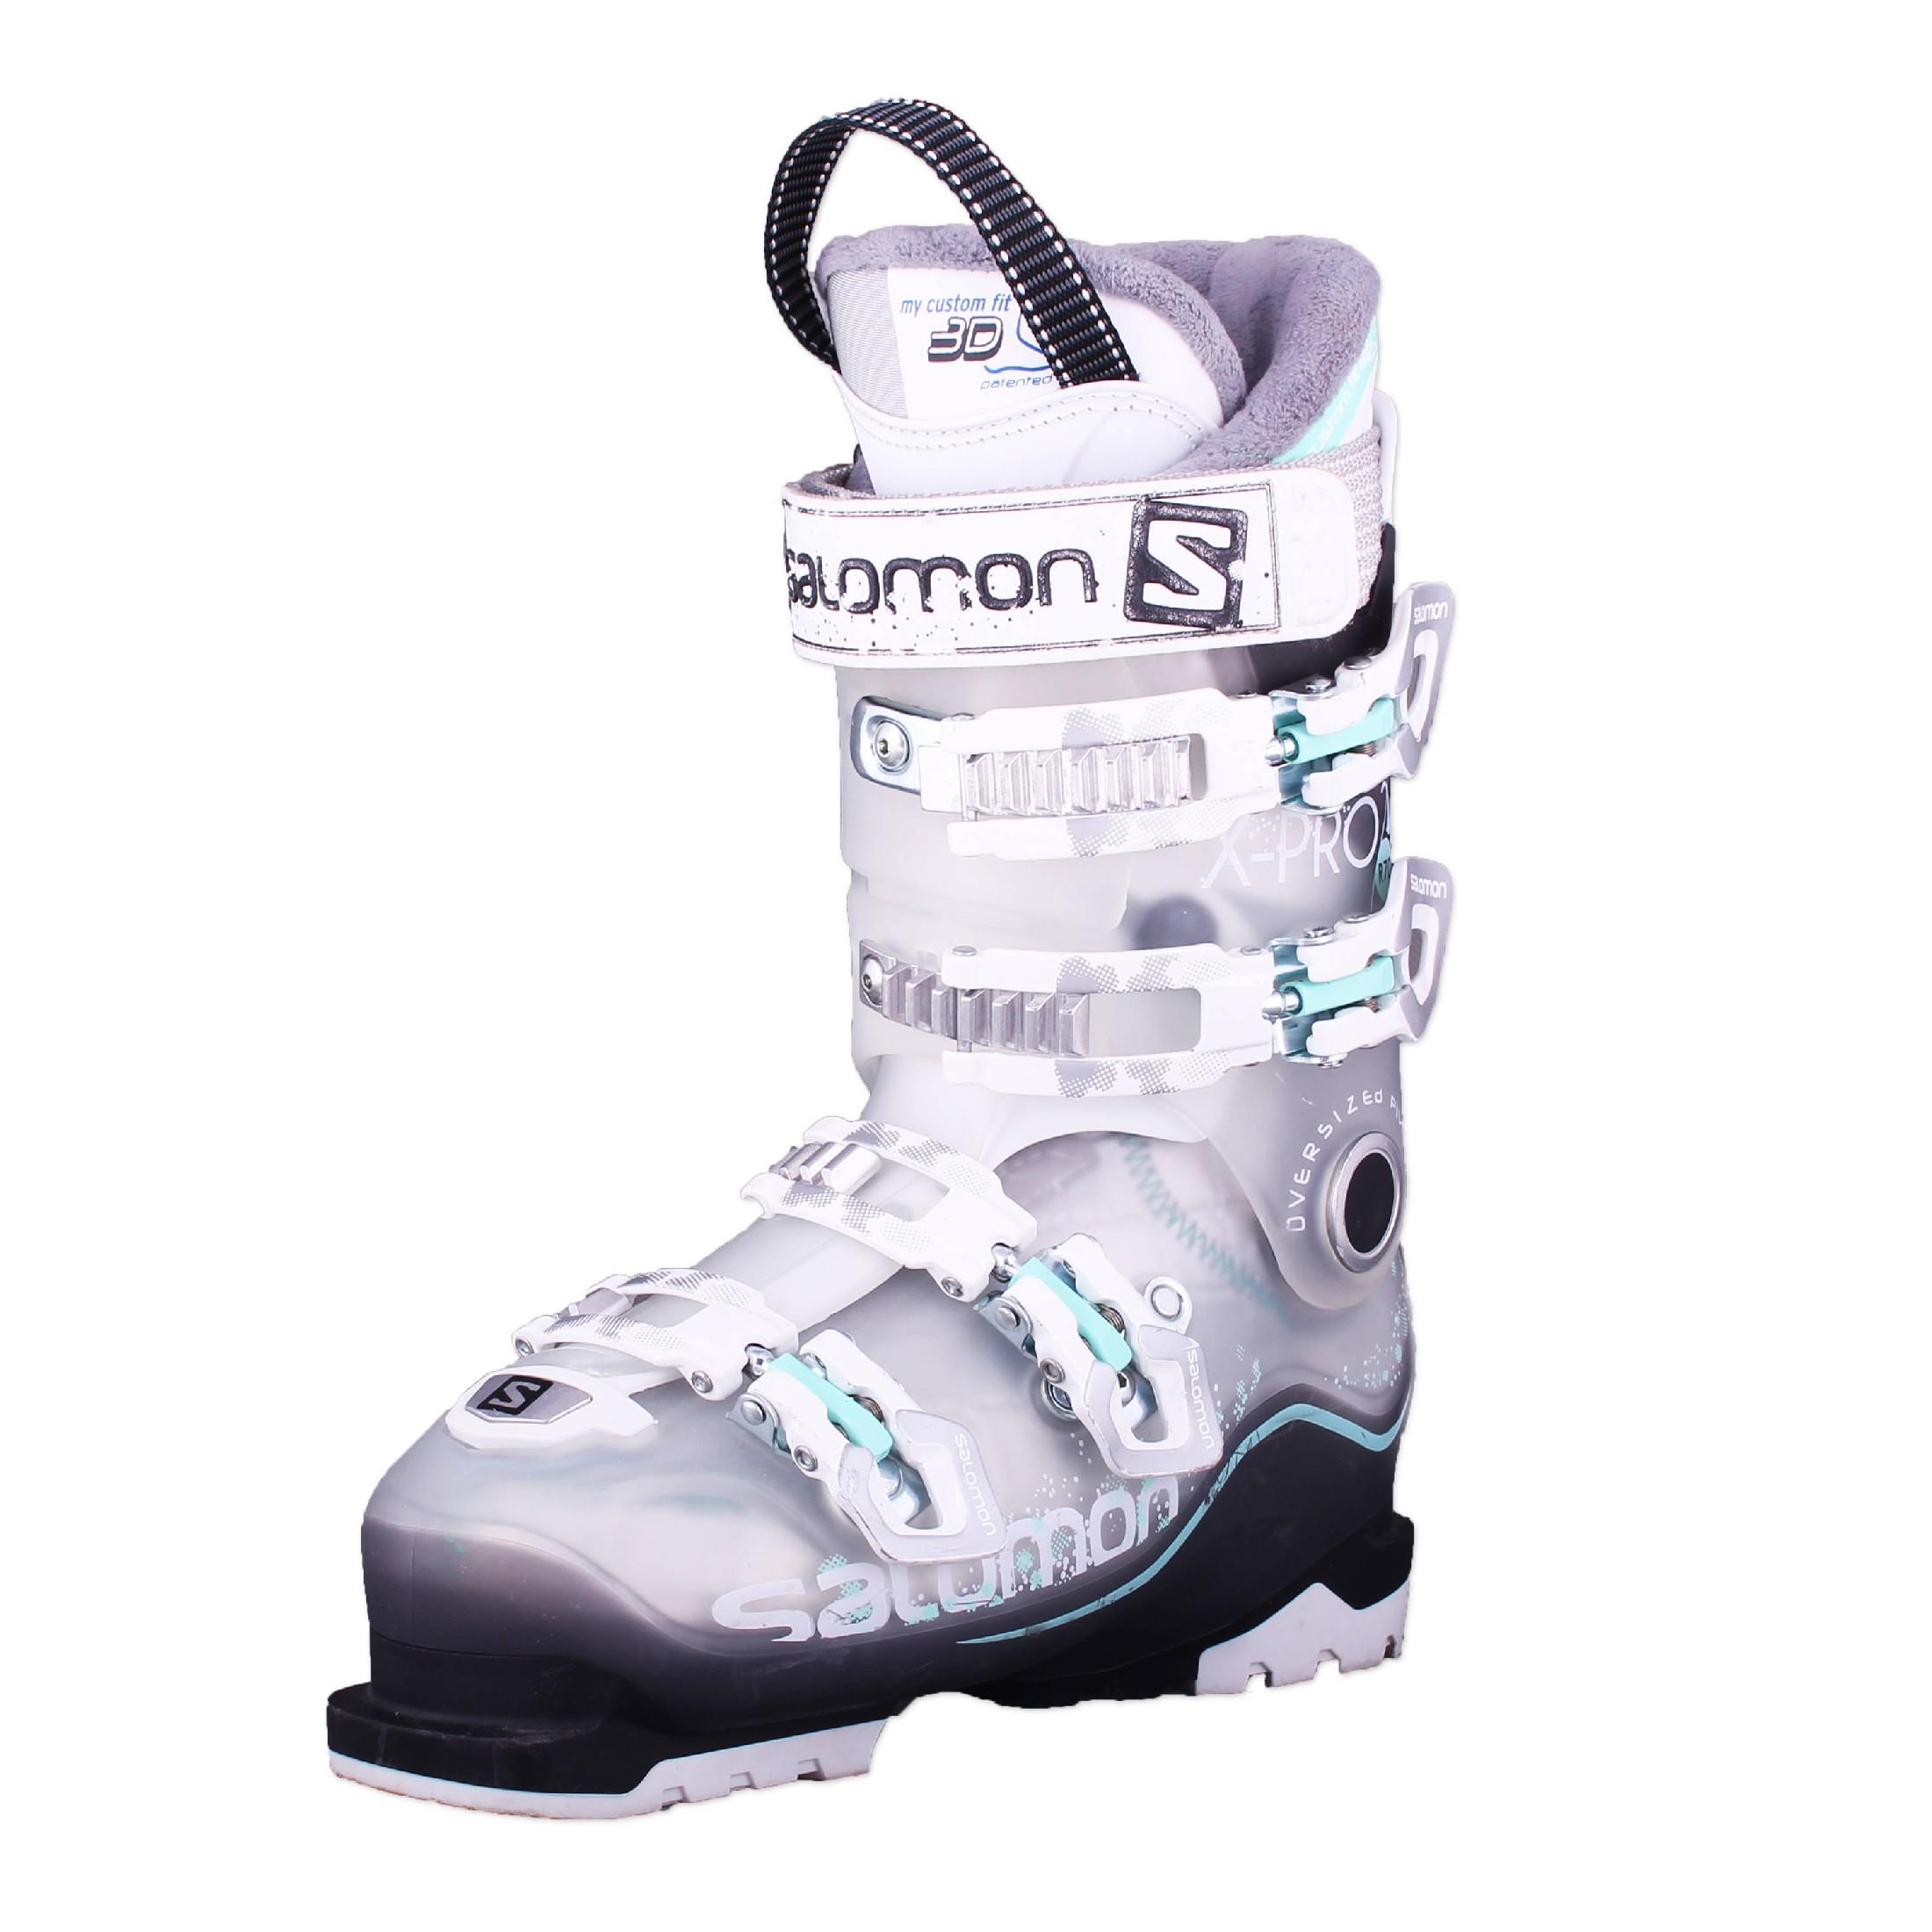 Salomon X PRO R 70 W - 23 5f72a2f889